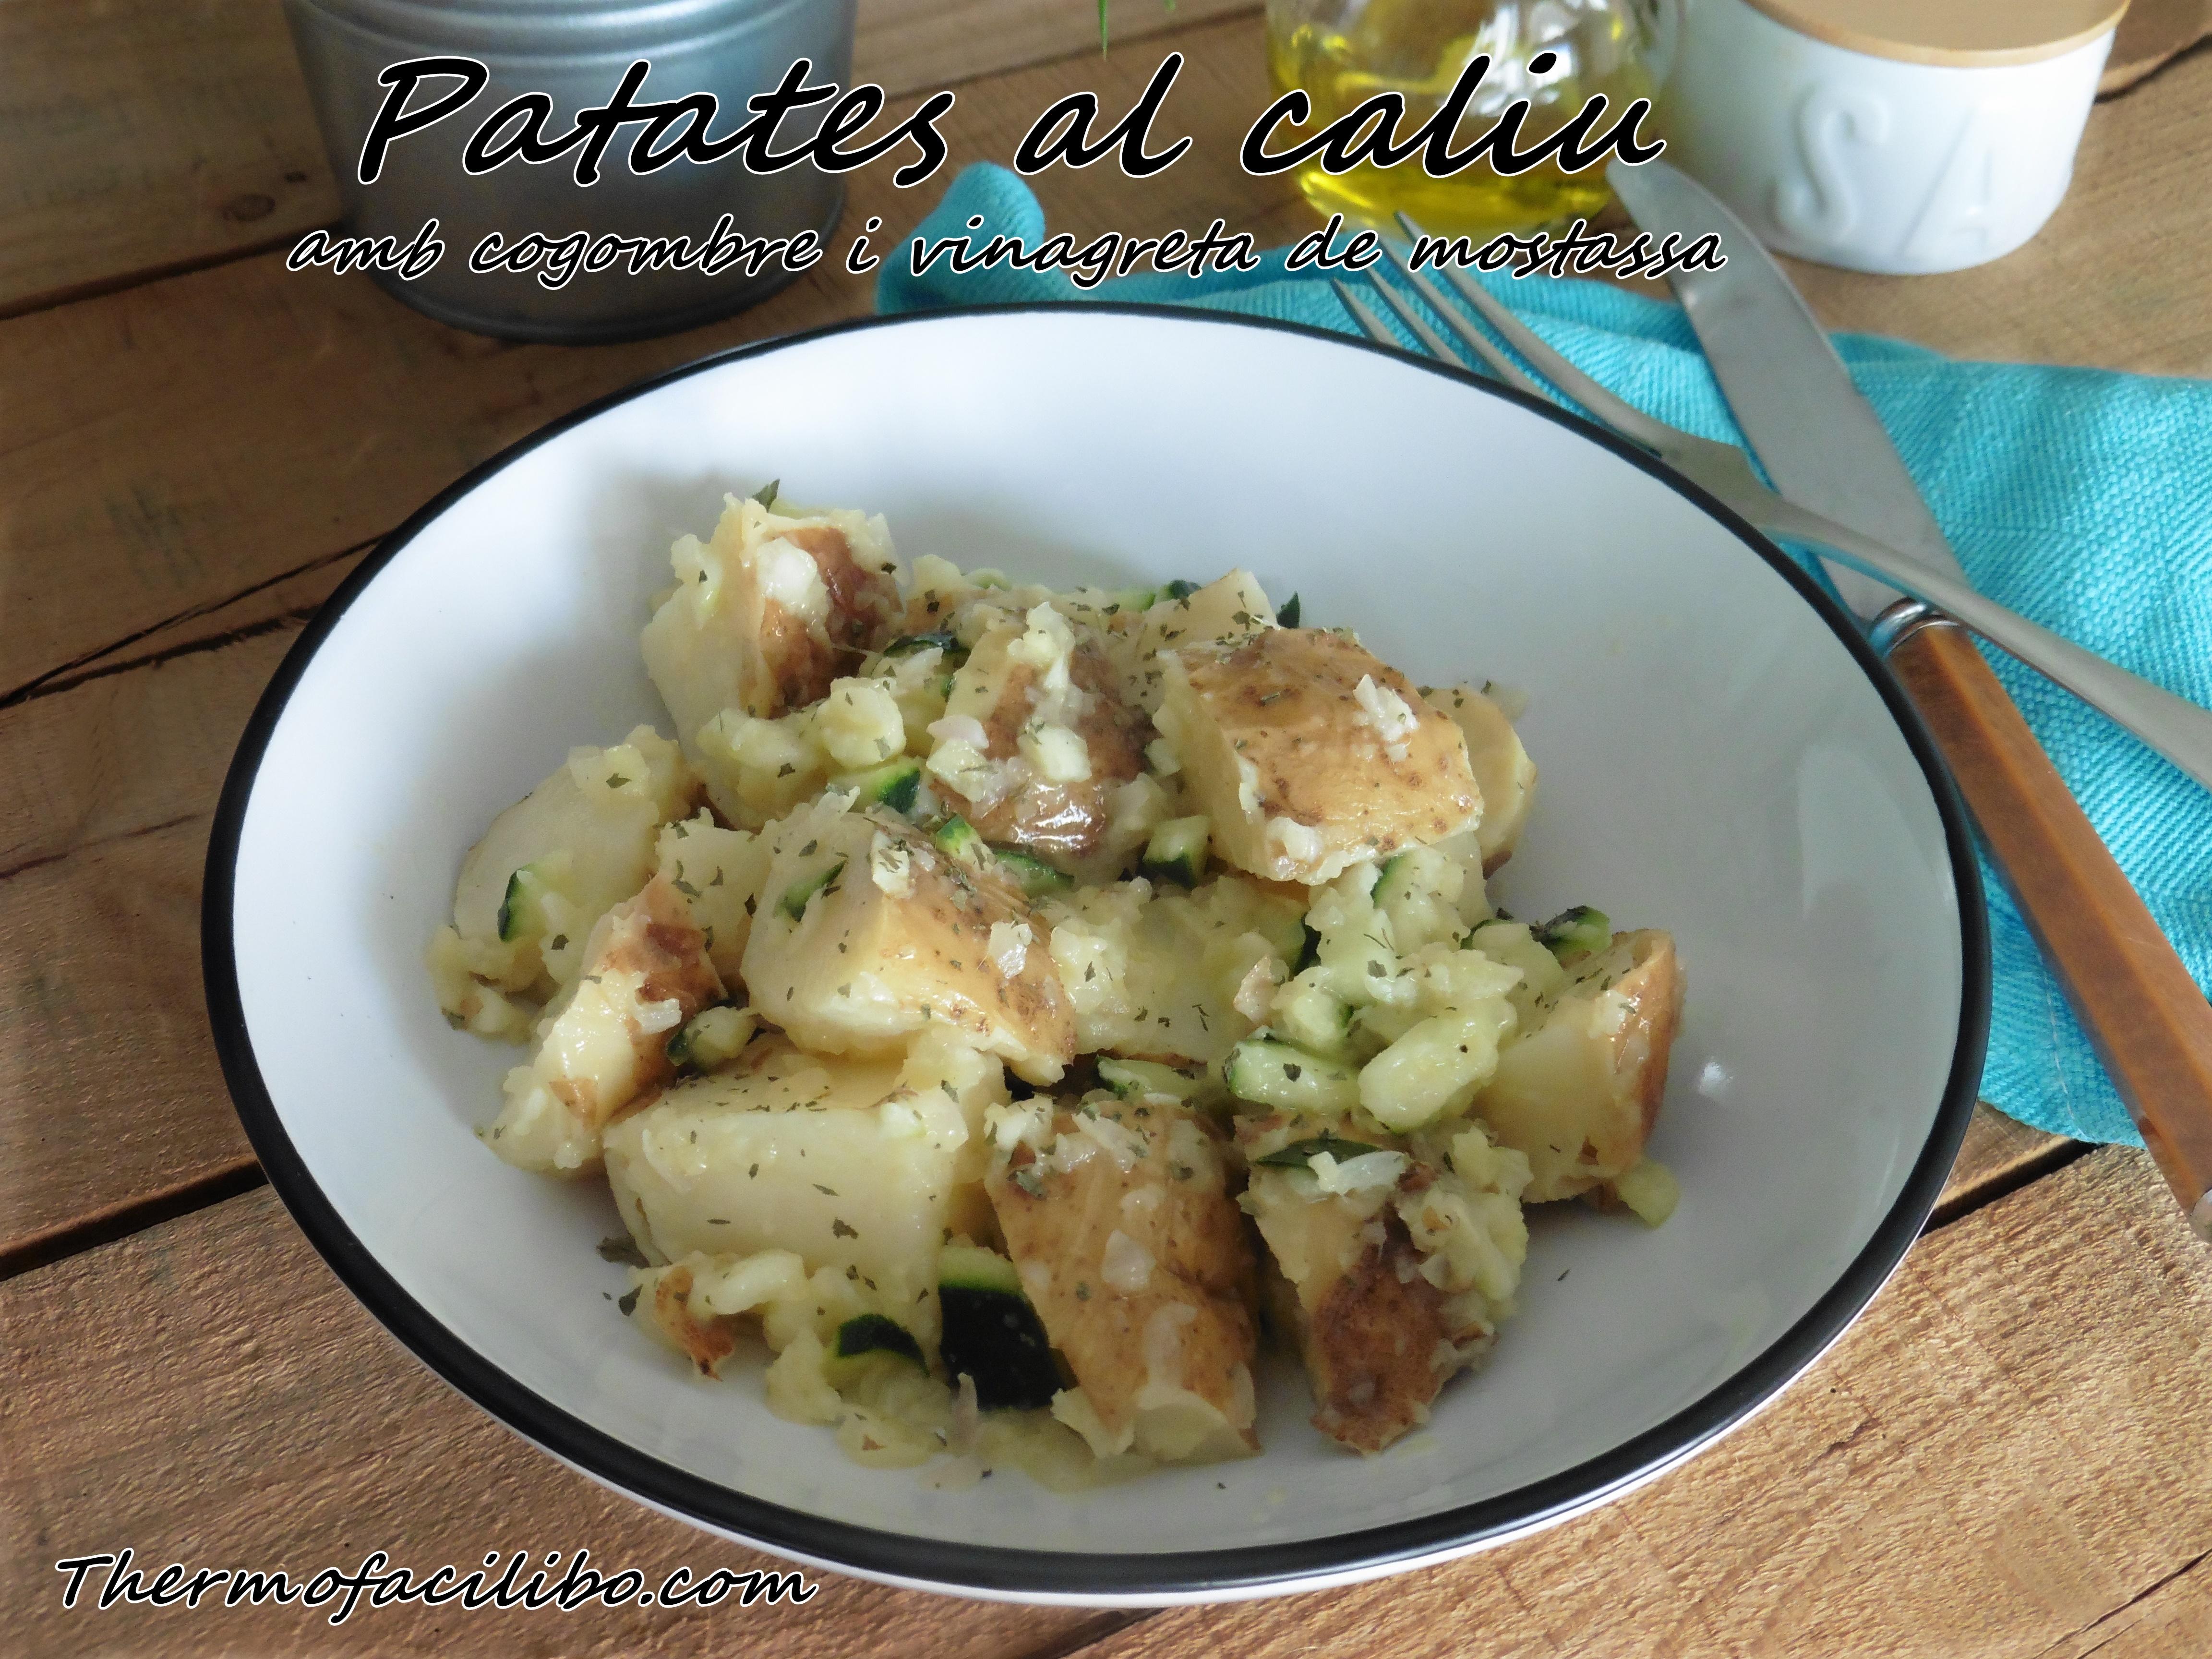 patates-al-caliu-amb-cogombre-i-vinagreta-de-mostassa